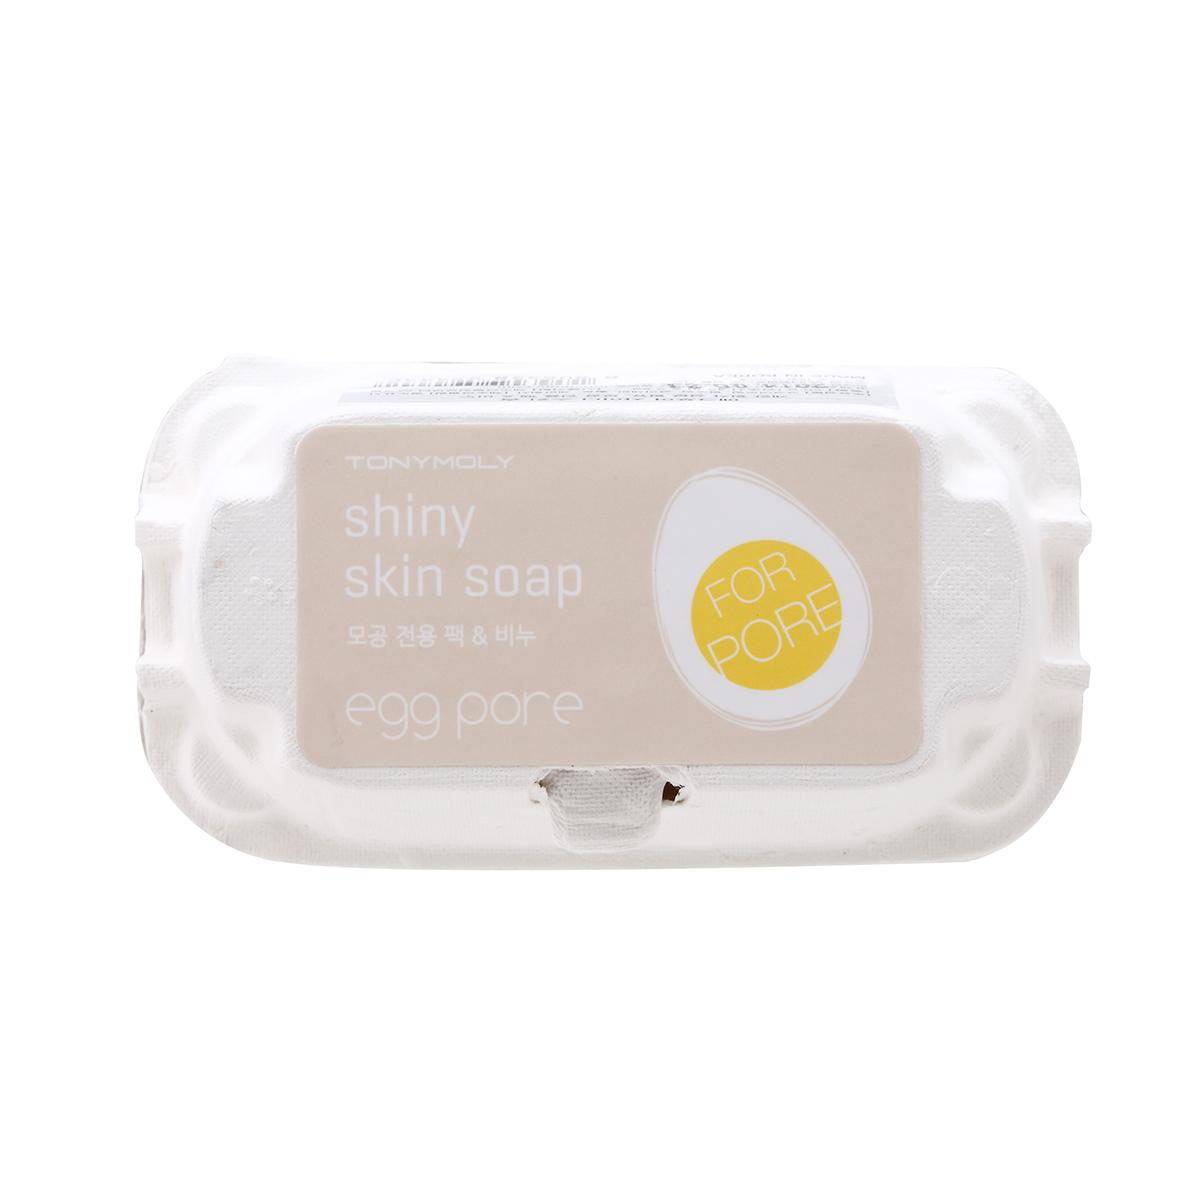 TonyMoly Мыло-маска для чистки пор Egg Pore Shiny Skin Soap, 50г*2штES01000100Основной компонент мыла это яичный белок - сужает поры и уменьшает жирность, питает кожу и придает ей эластичность. Надолго избавит Т-зону от жирного блеска и поможет решить проблему расширенных пор. Витамин В, входящий в состав мыла, обладает подсушивающим и подтягивающим эффектом, а также выравнивает цвет лица и дарит ощущение невероятной чистоты. Марка Tony Moly чаще всего размещает на упаковке (внизу или наверху на спайке двух сторон упаковки, на дне банки, на тубе сбоку) дату изготовления в формате: год/месяц/дата.